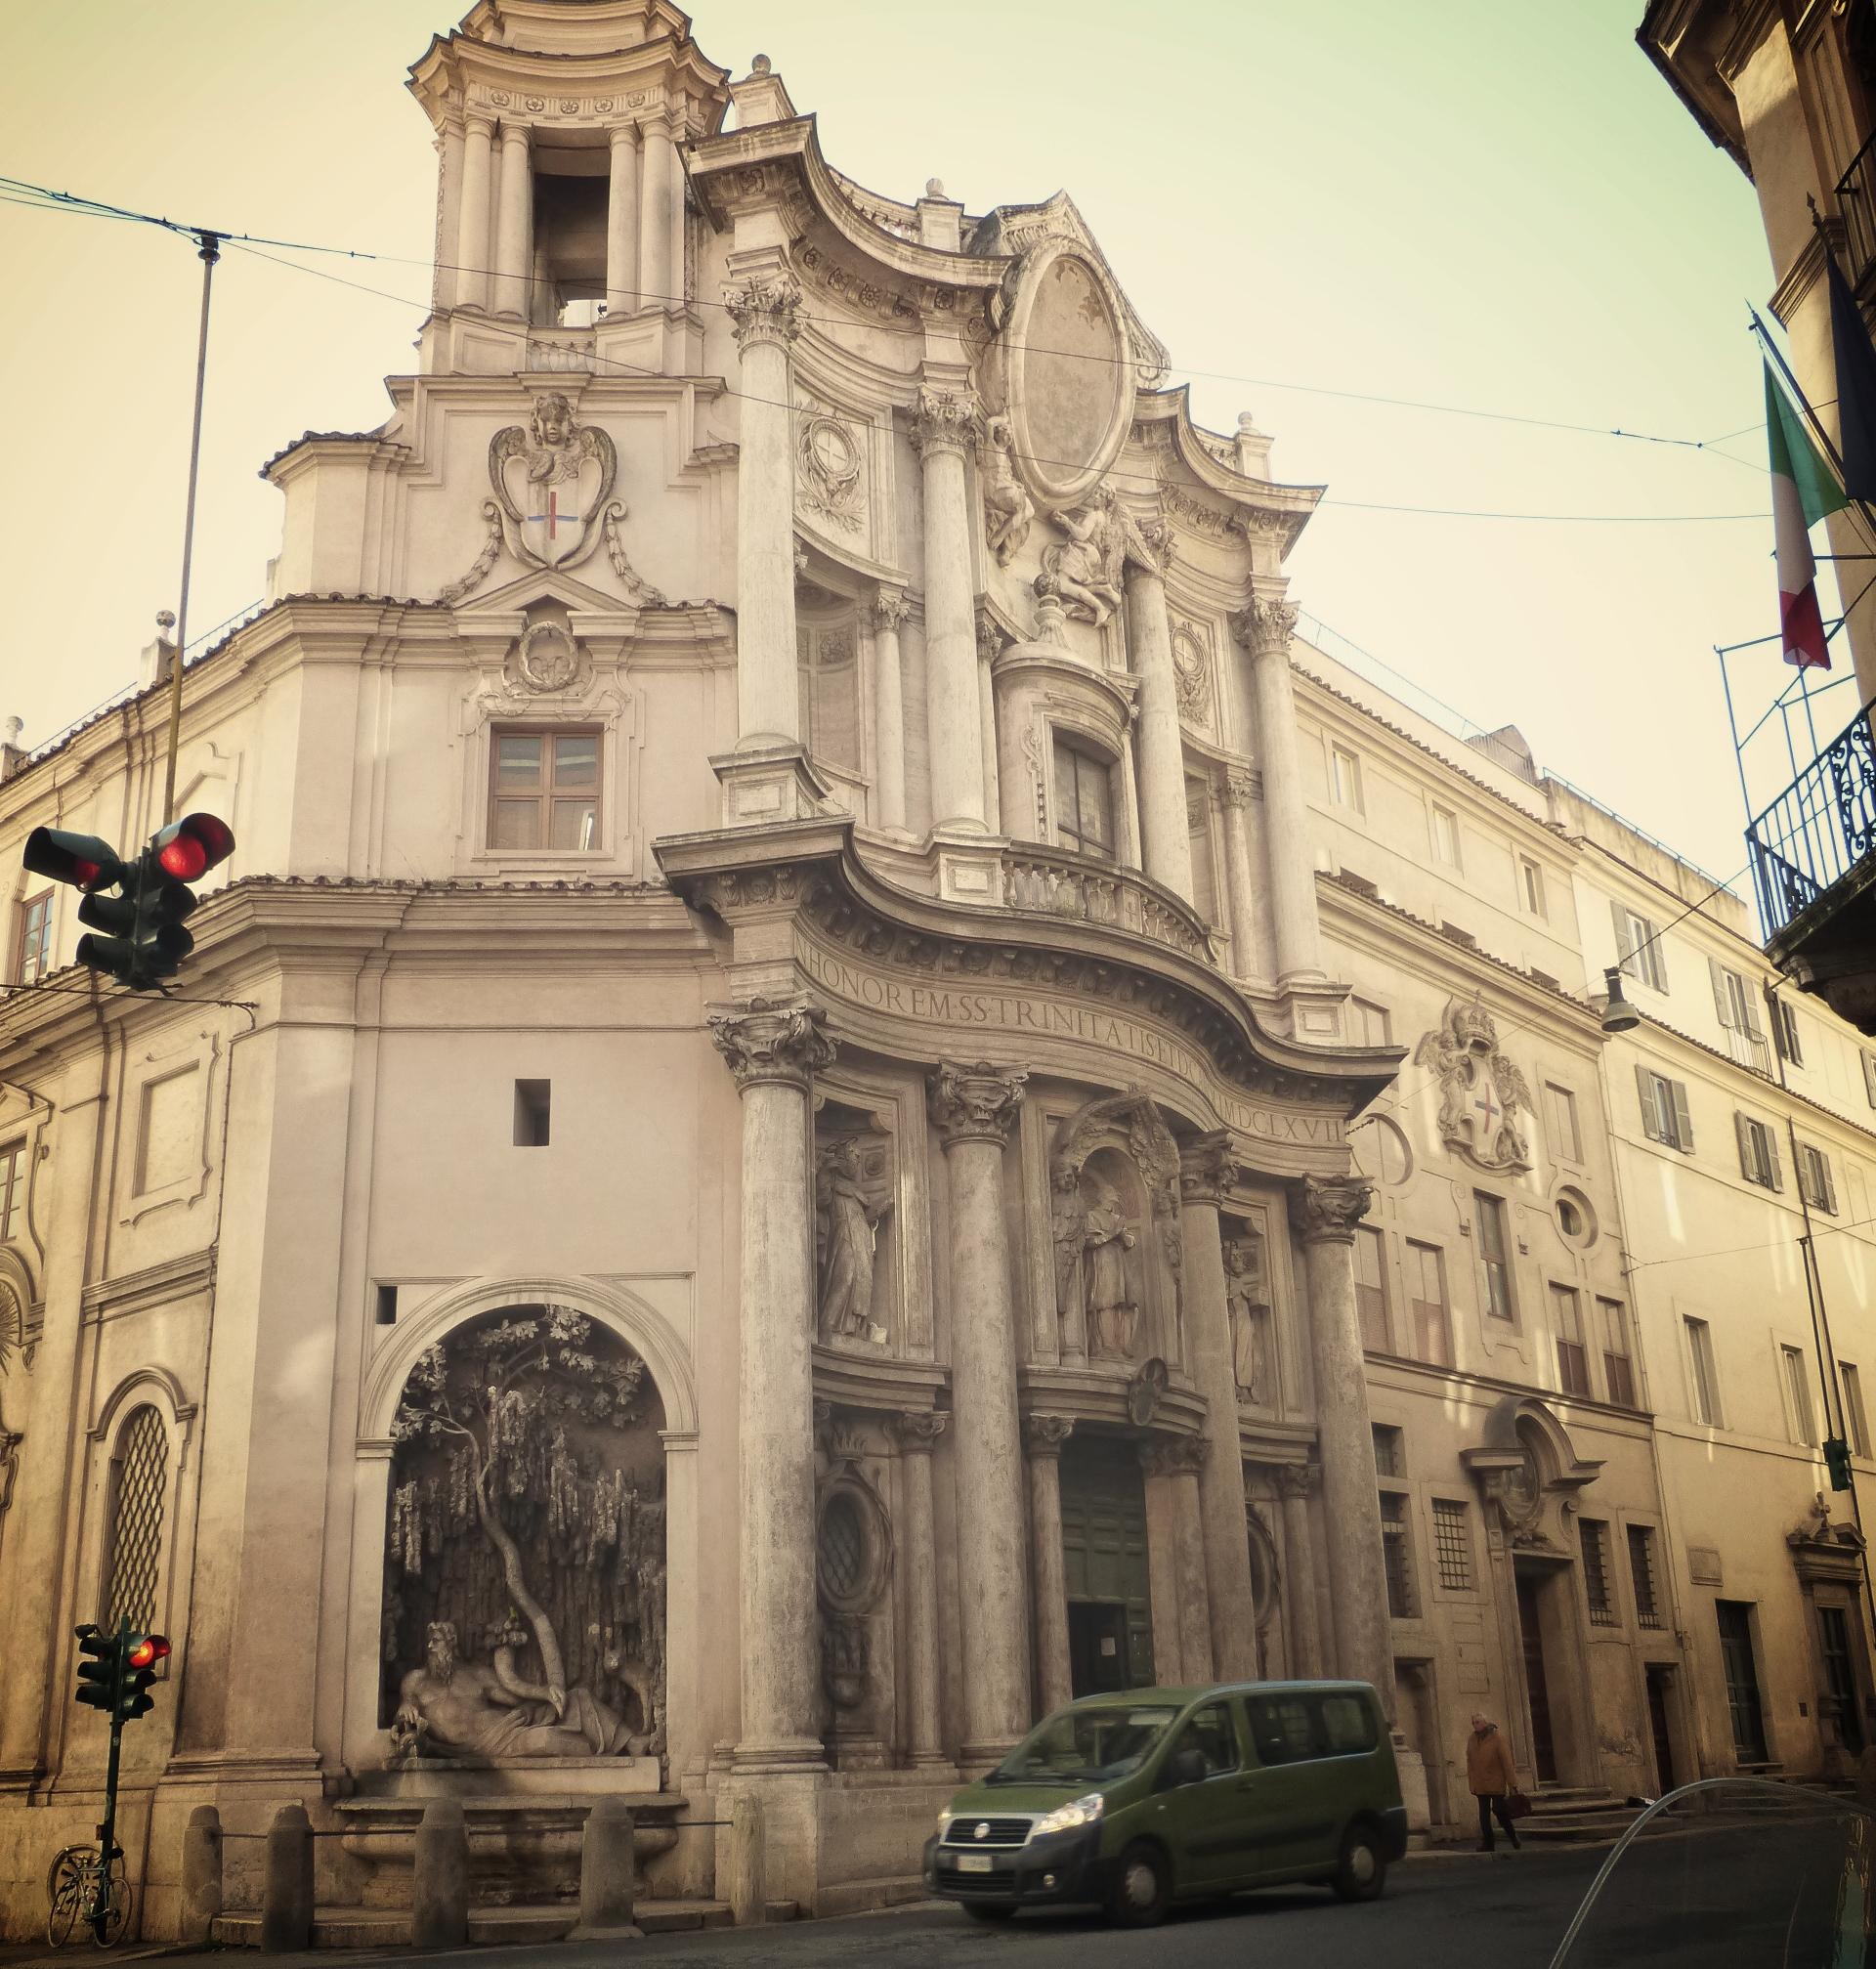 Fassade der Chiesa S. Carlino alle quattro Fontane und einer der vier Brunnen.